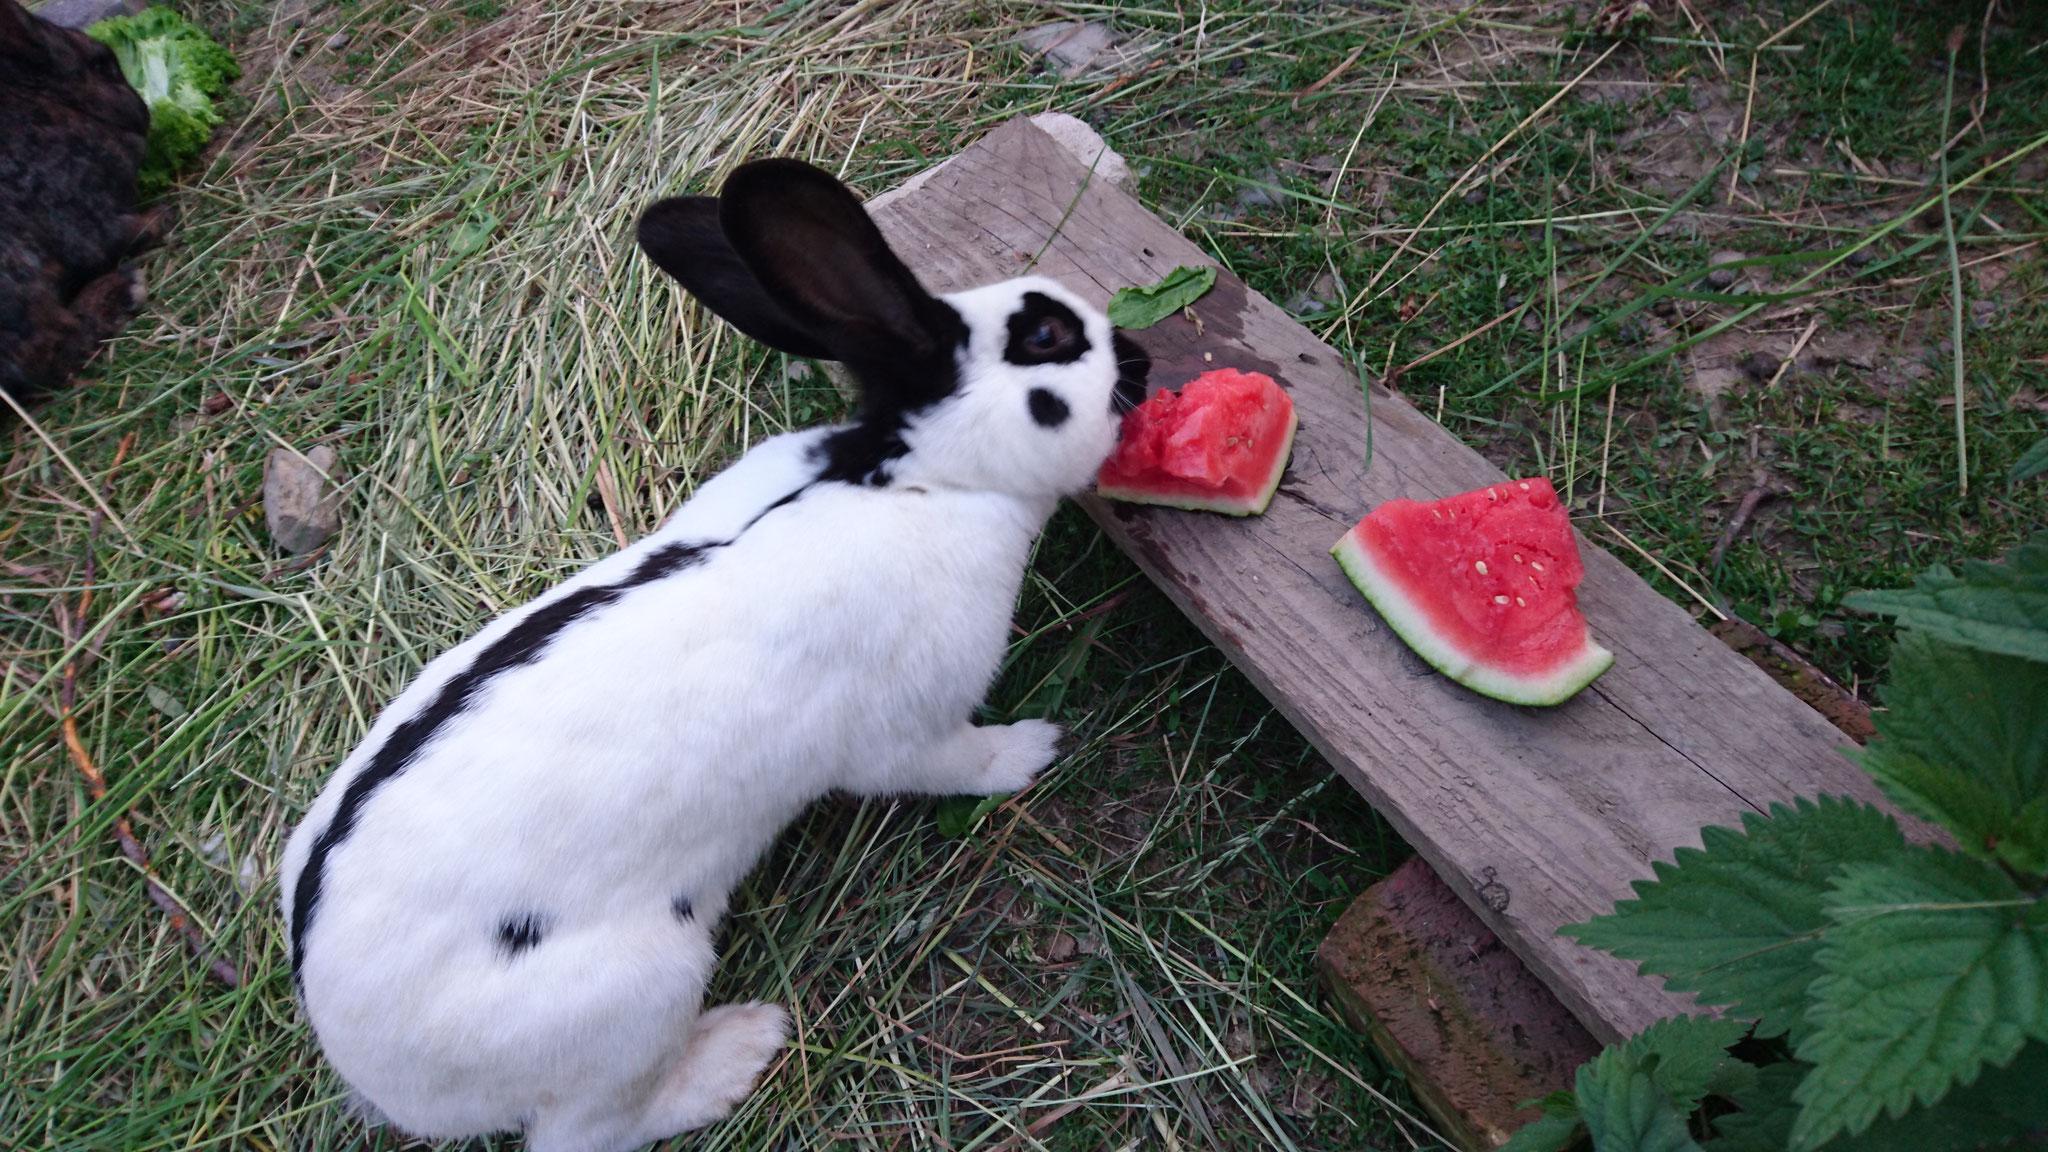 Melone, lecker und gut im Sommer zur Abkühlung. Foto von Nina.